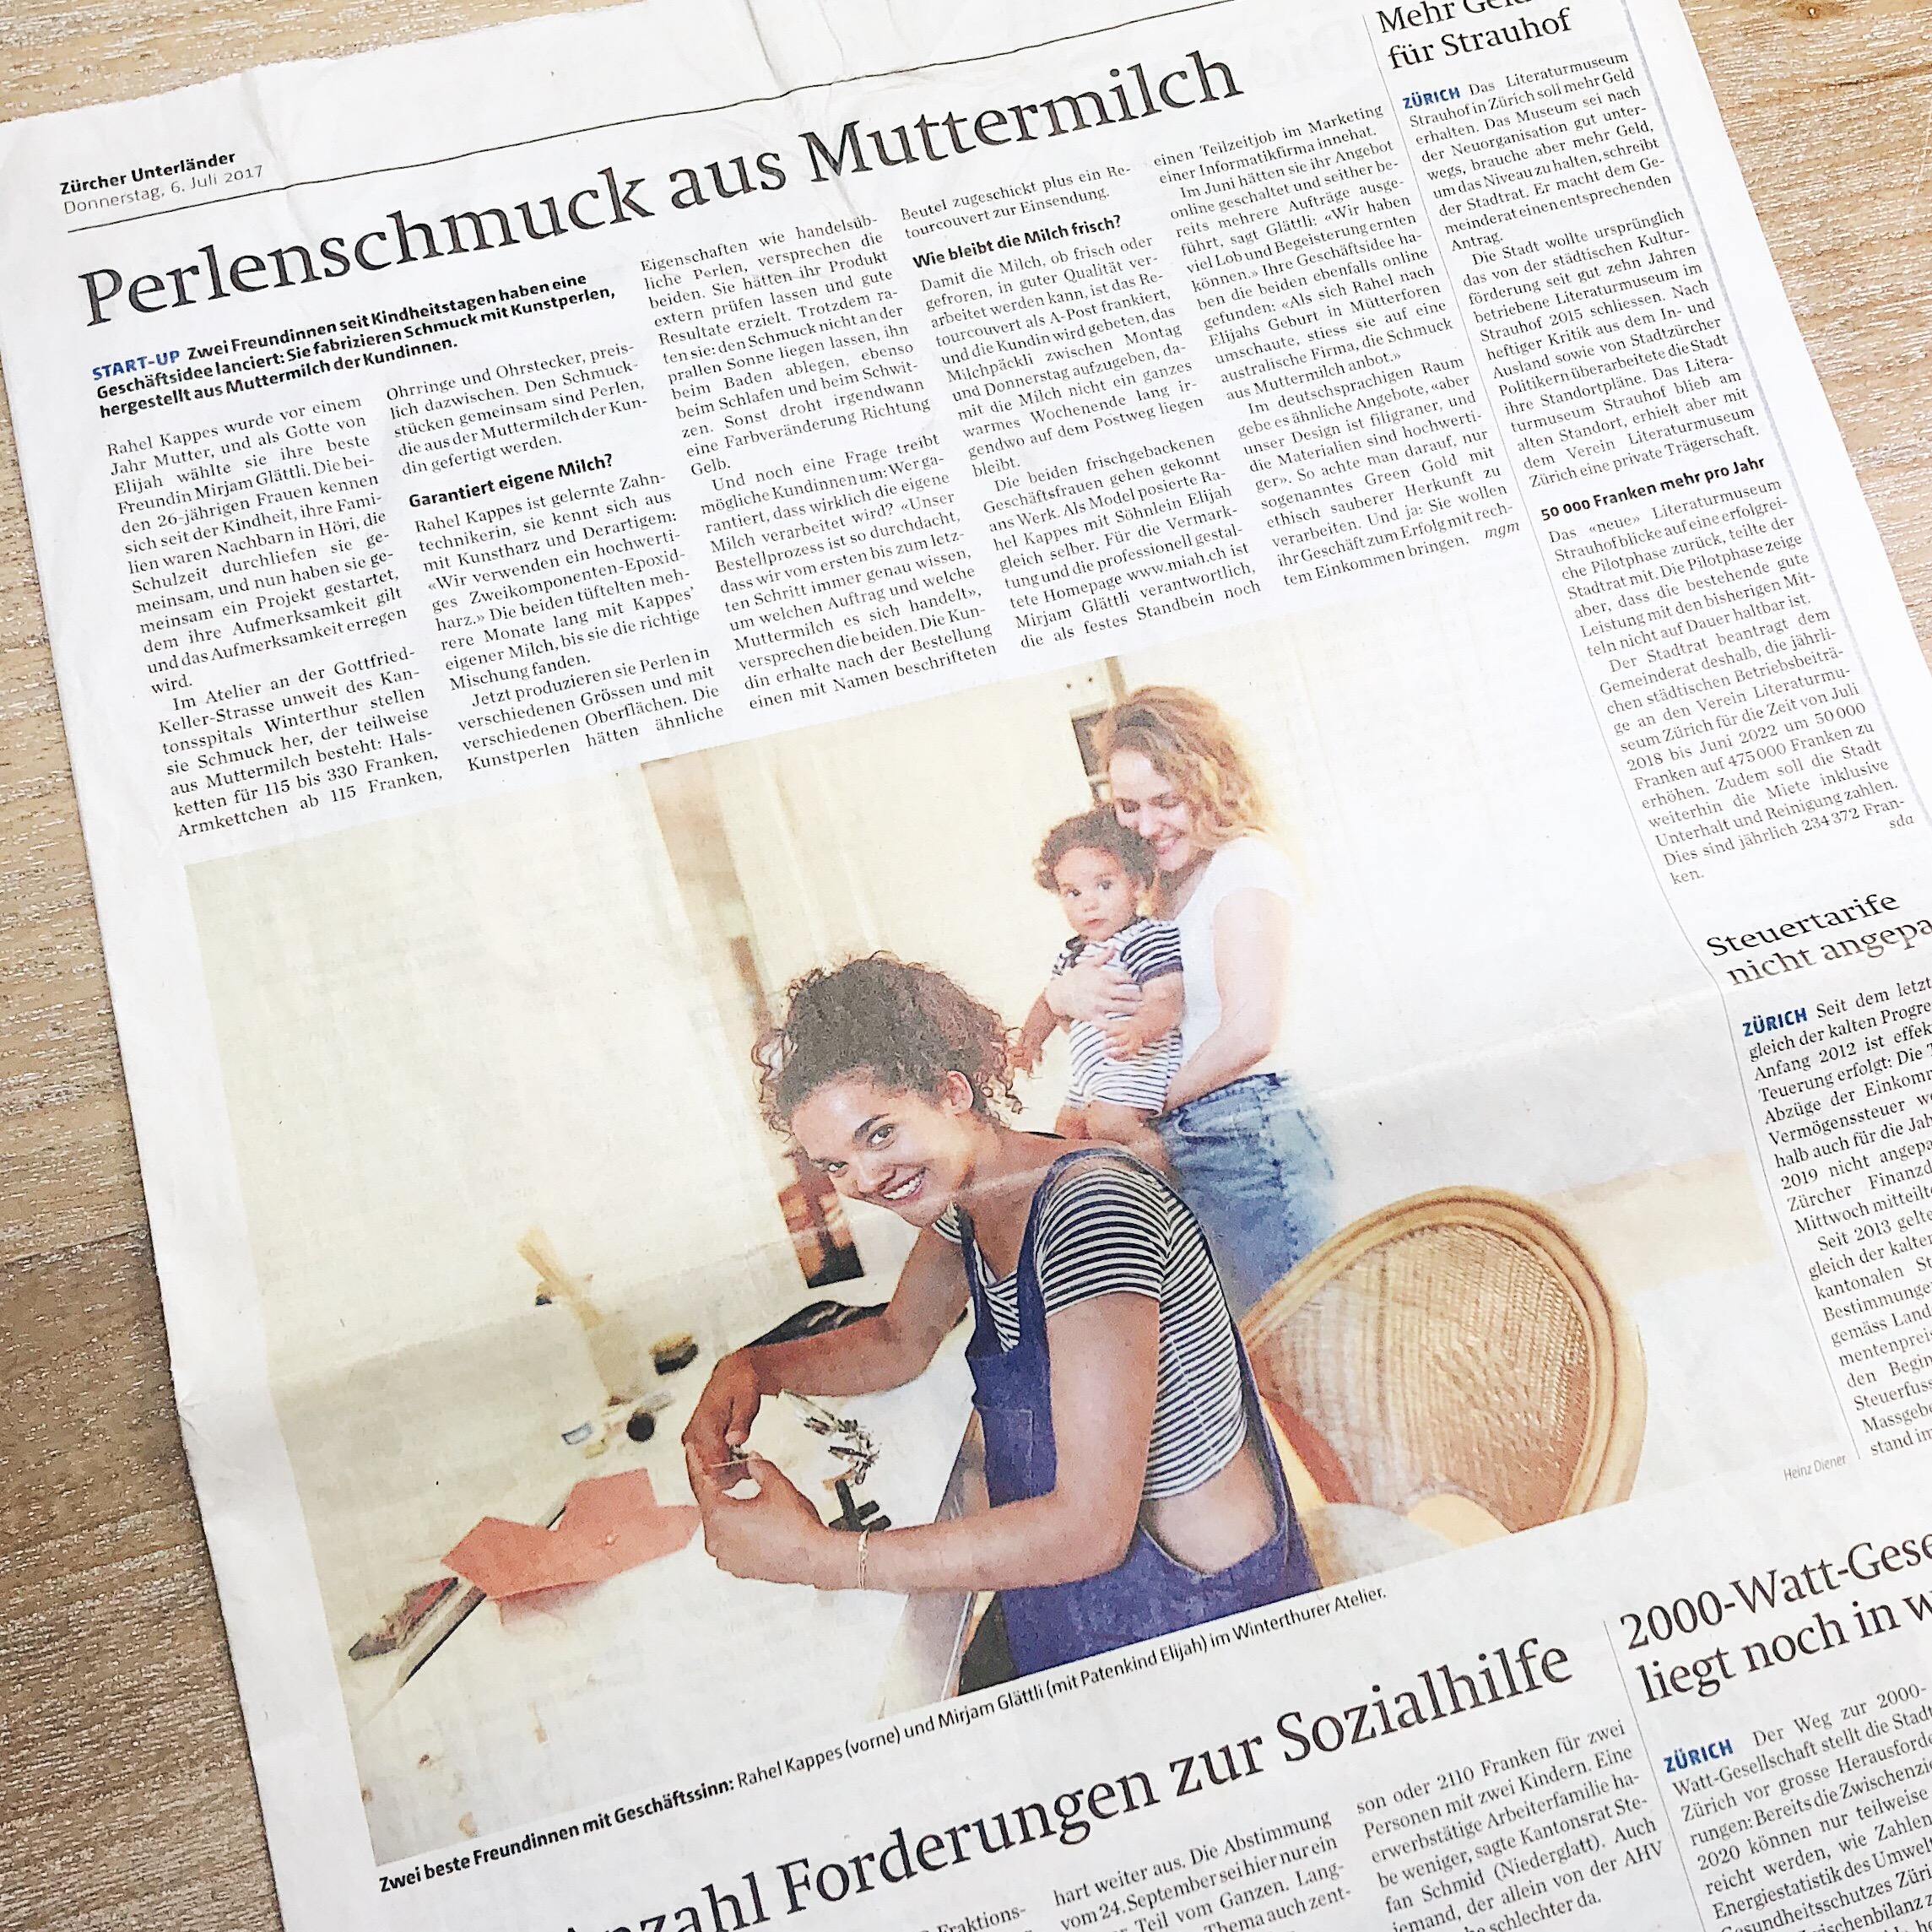 Winterthur Atelier Miah Erinnerungsschmuck Schmuck aus Muttermilch Andenken Stillen